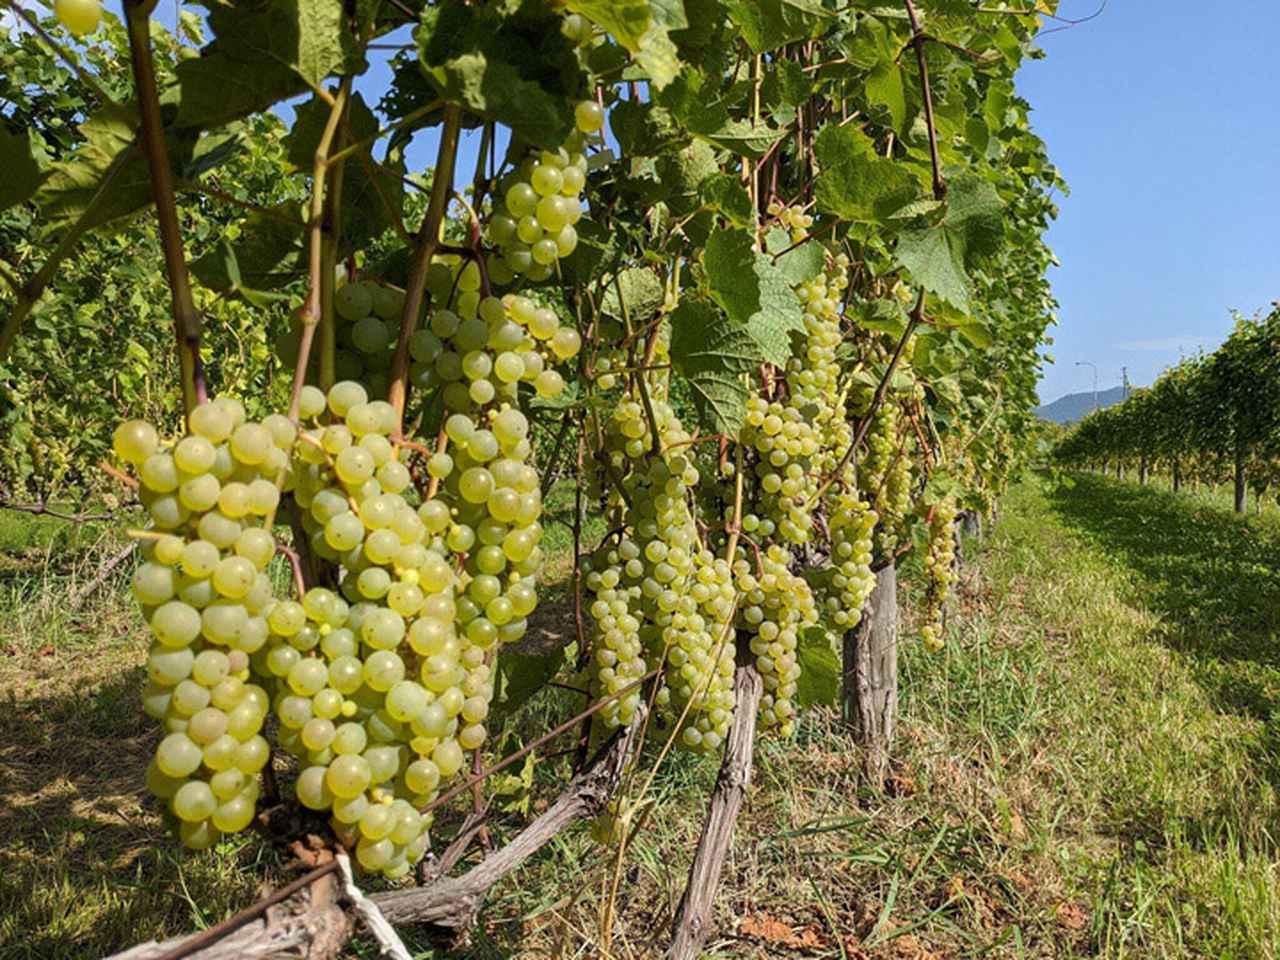 画像: ワイン用のぶどうは棚仕立てではなく、垣根仕立てでの栽培が比較的主流です